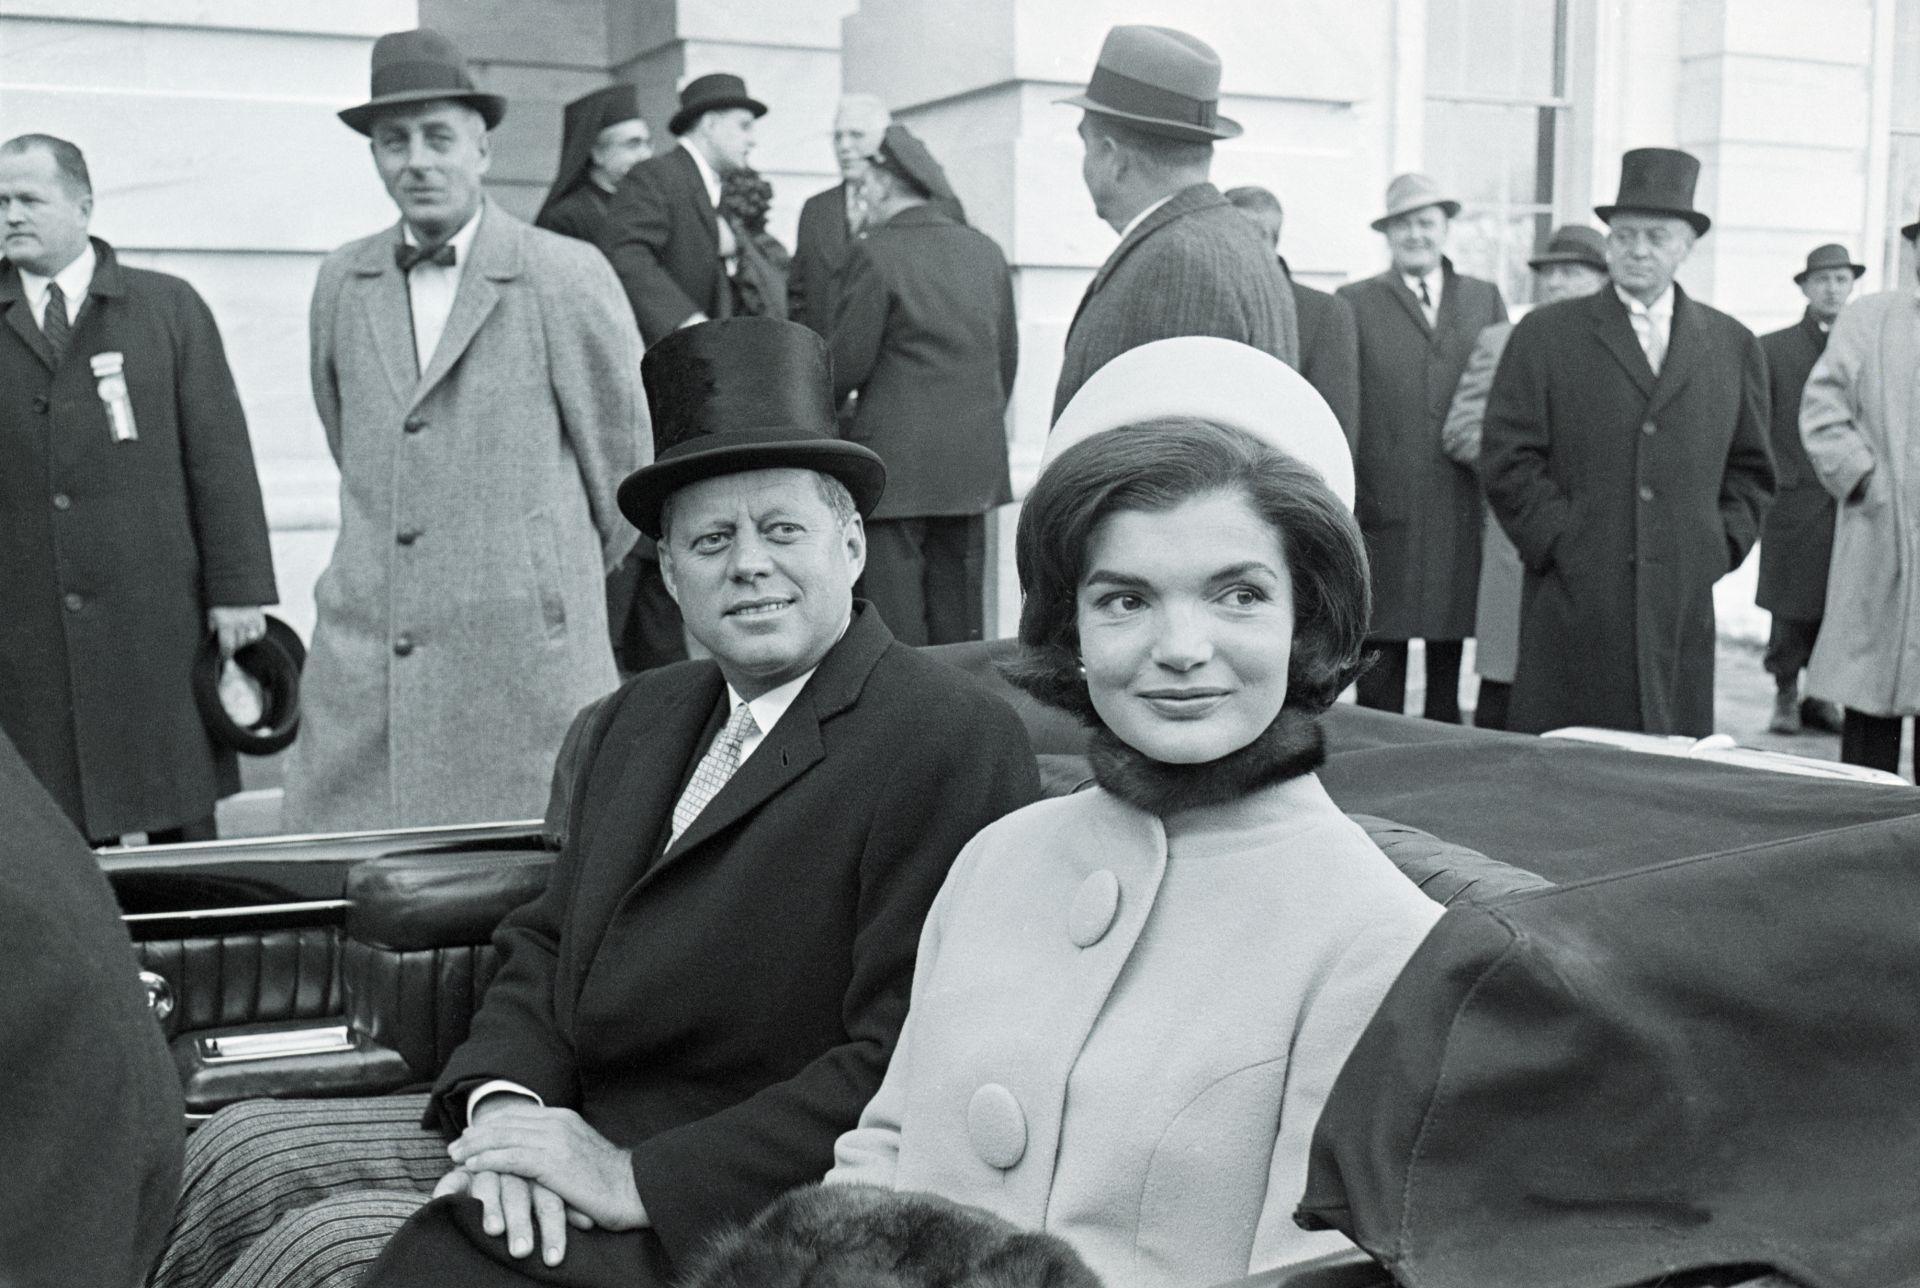 John F Kennedy és Jacqueline Kennedy 1961-ben, az elnöki beiktatáson. A First Lady Halston által tervezett kalapot viselt.